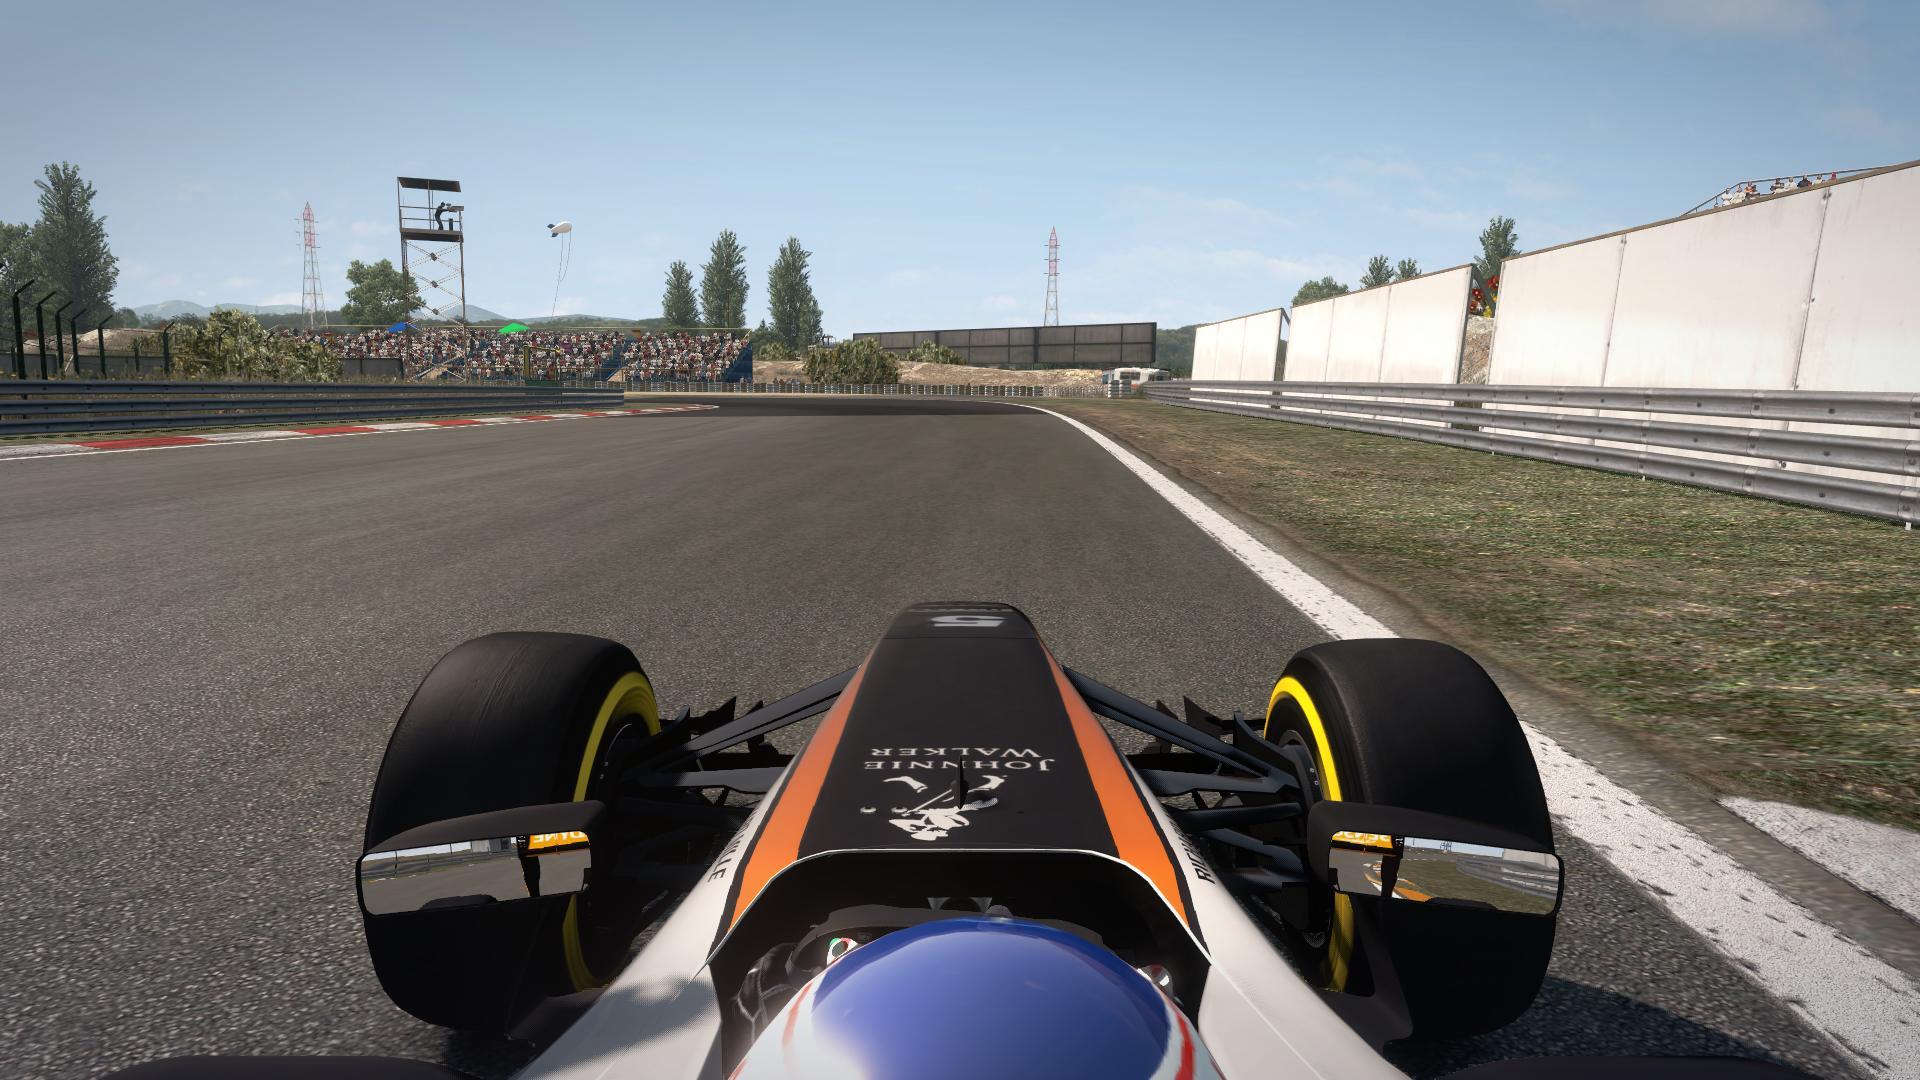 F1_2013 2016-07-27 18-31-05-14.jpg